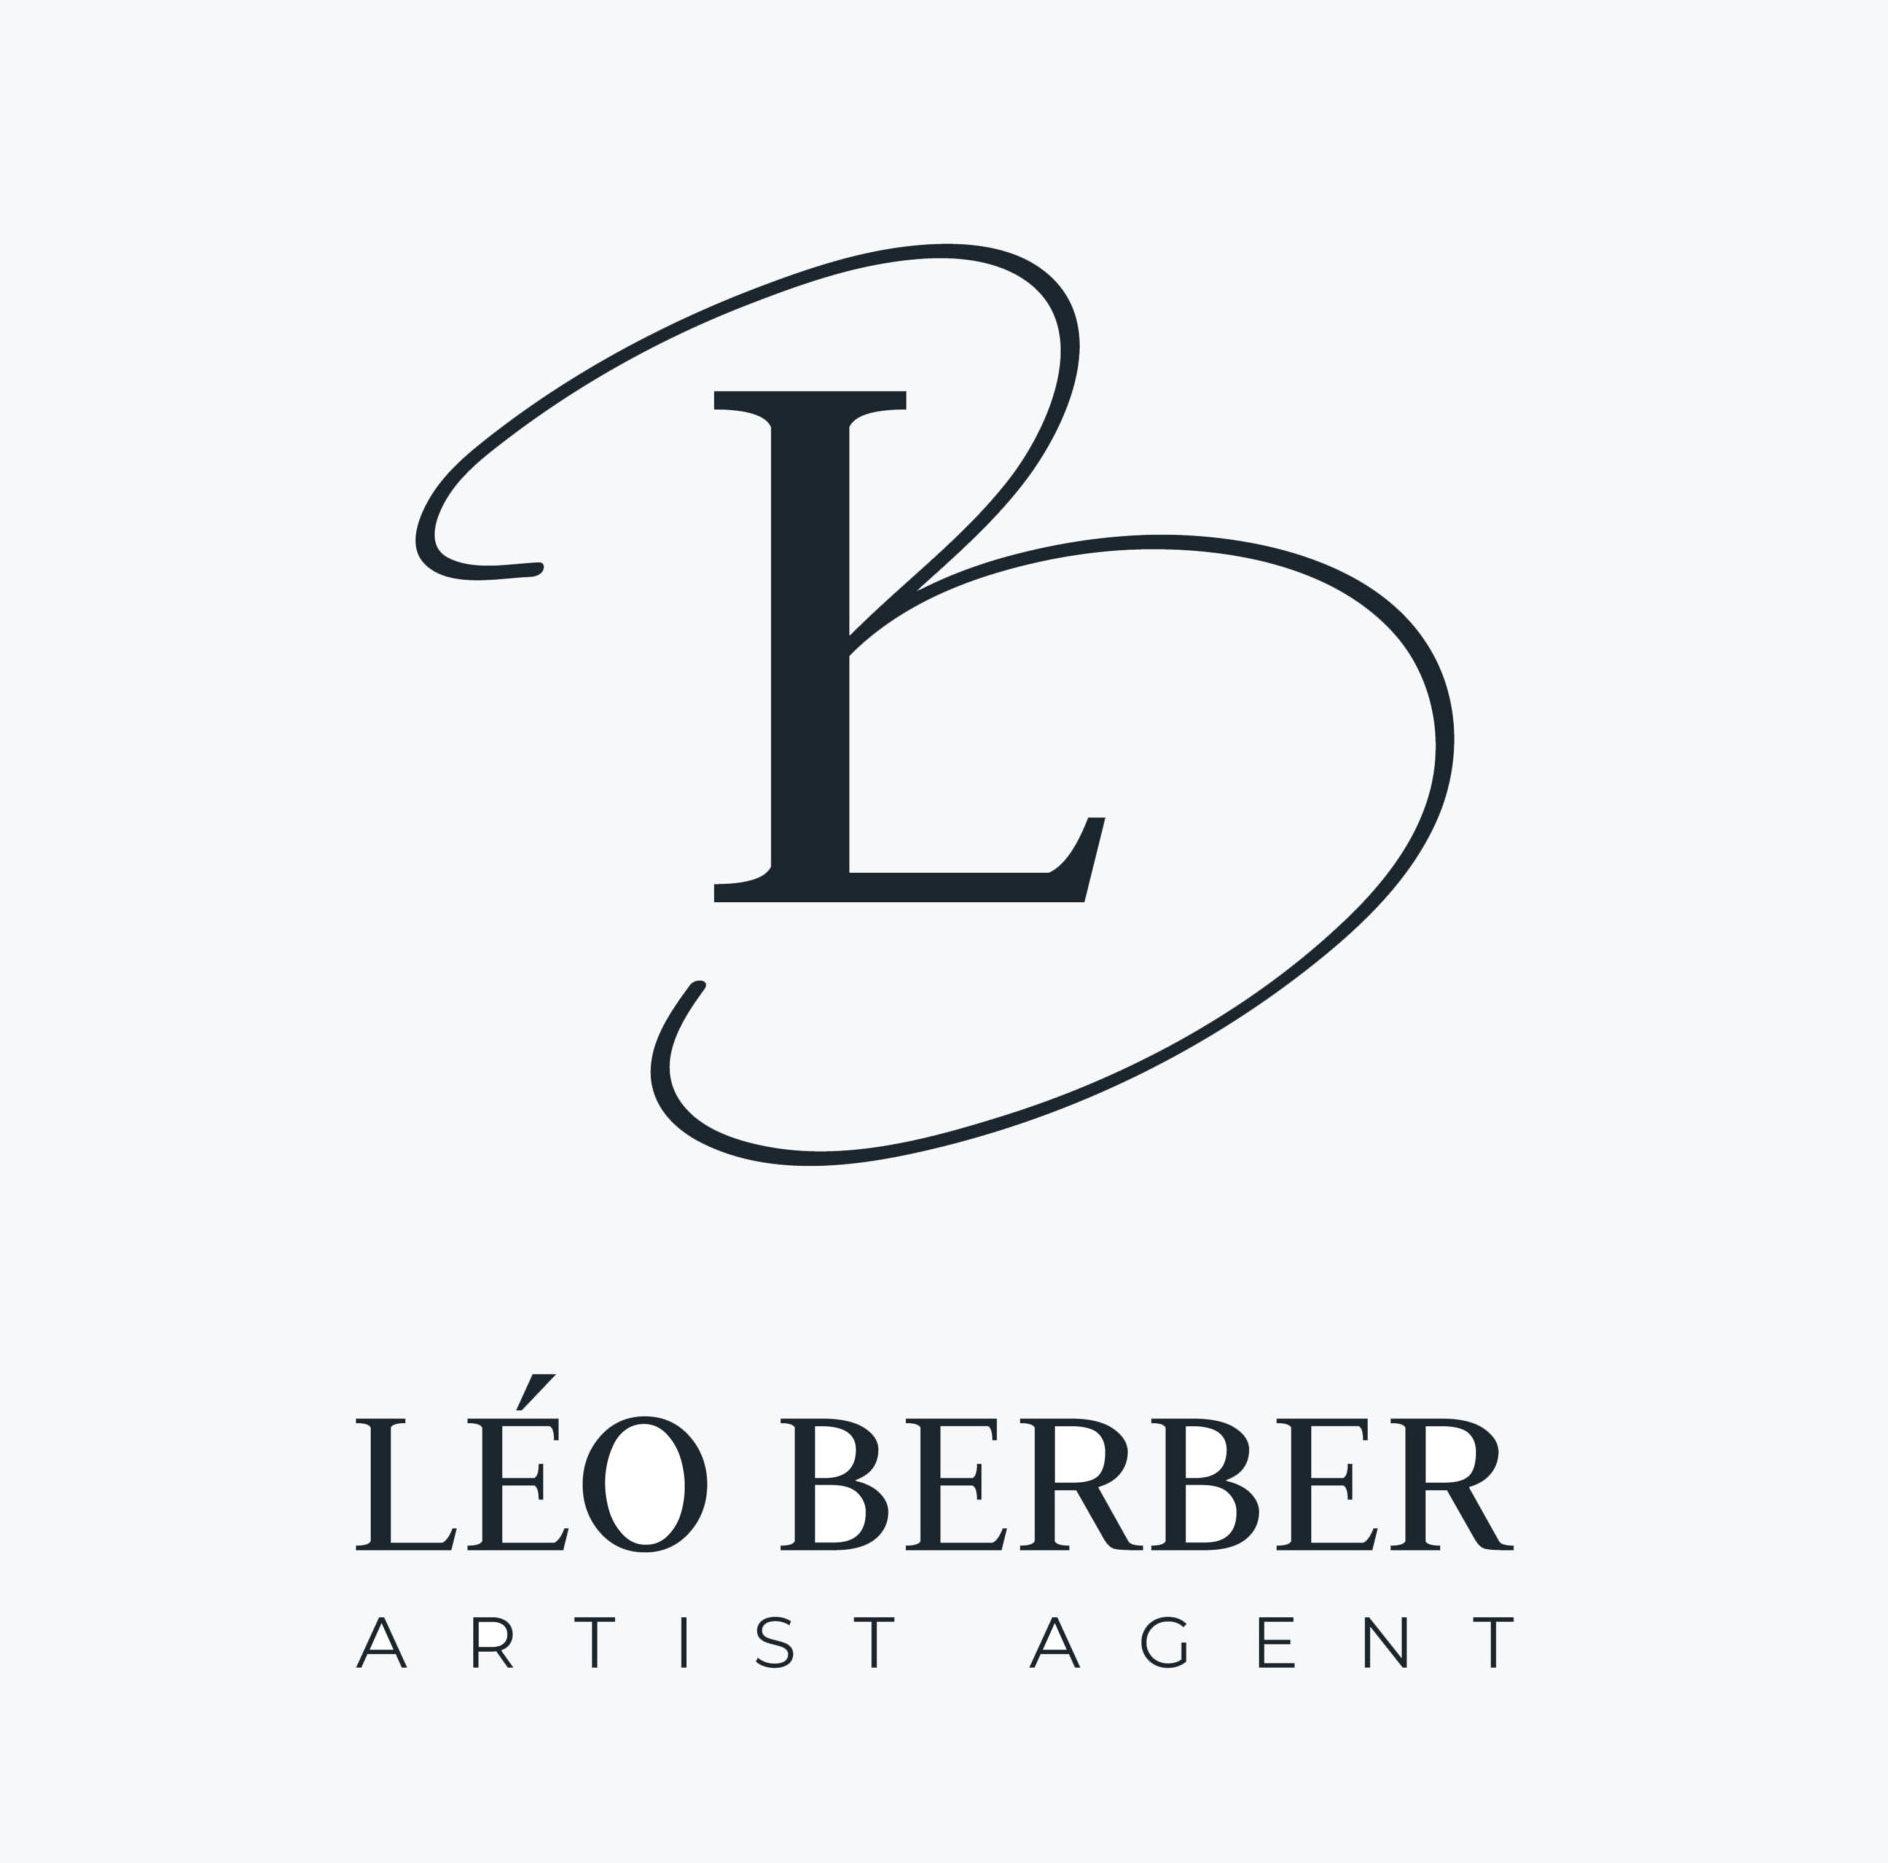 Léo Berber